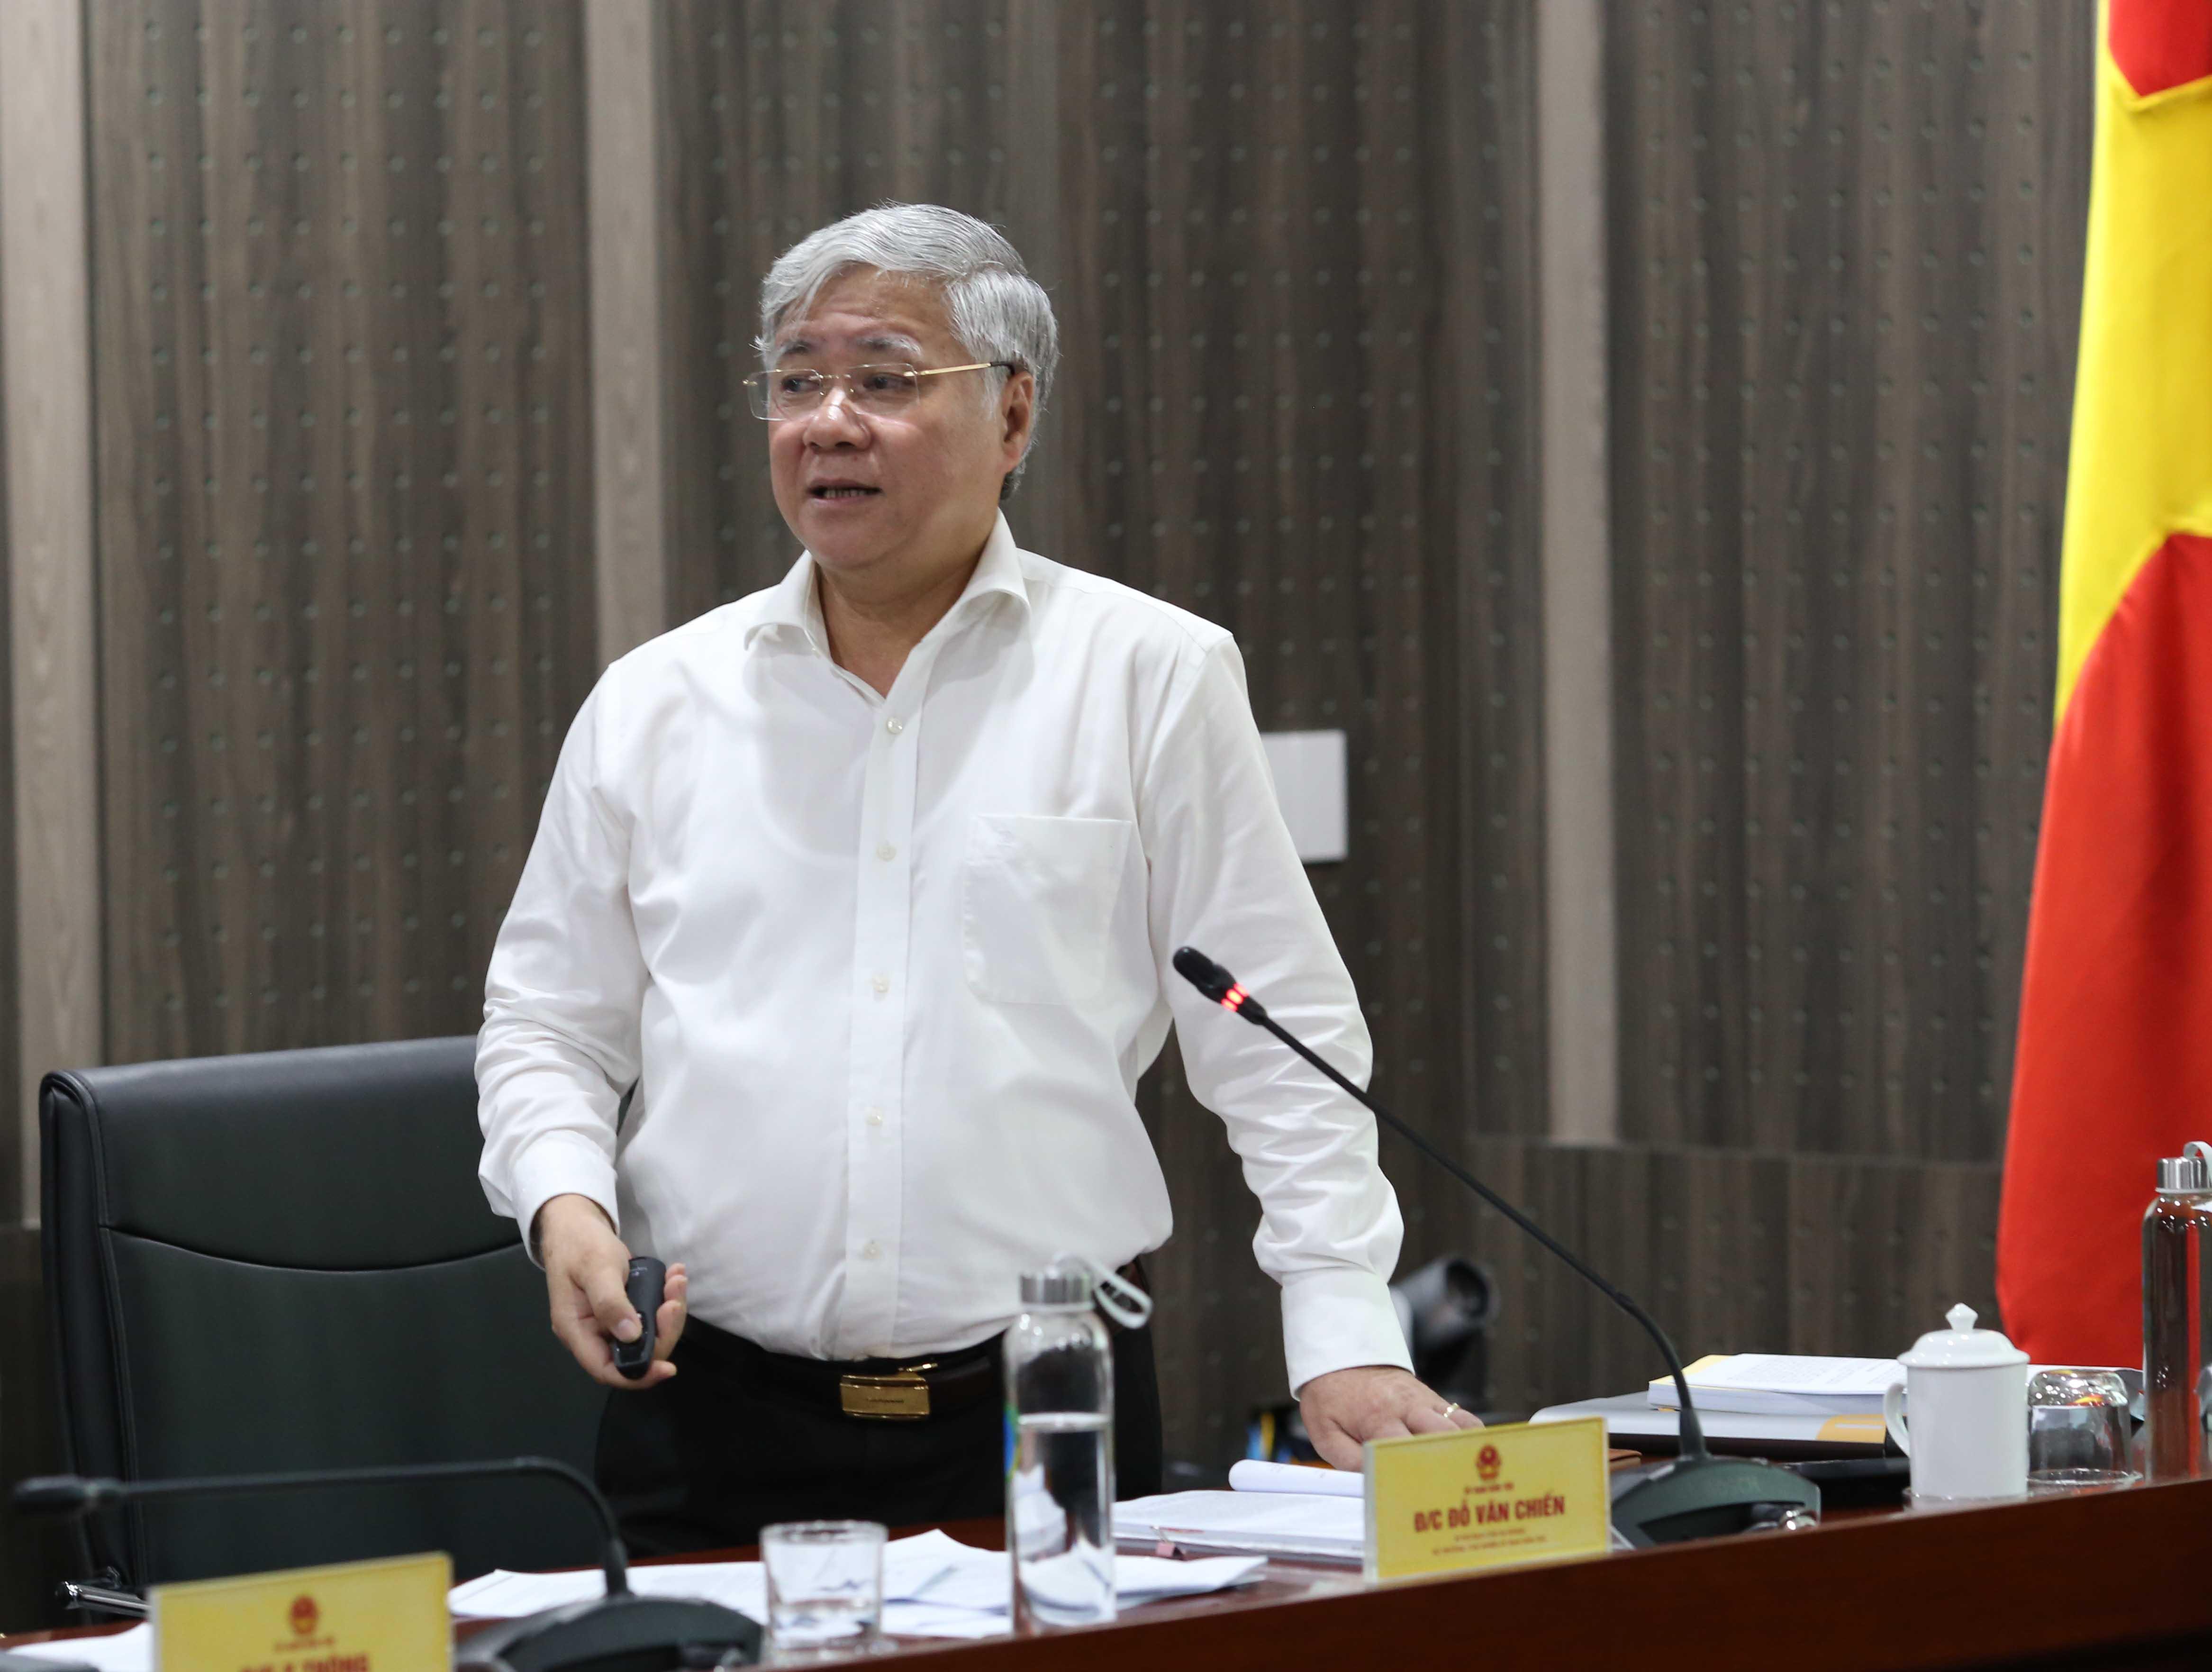 Bộ trưởng, Chủ nhiệm UBDT Đỗ Văn Chiến phát biểu chỉ đạo tại cuộc họp